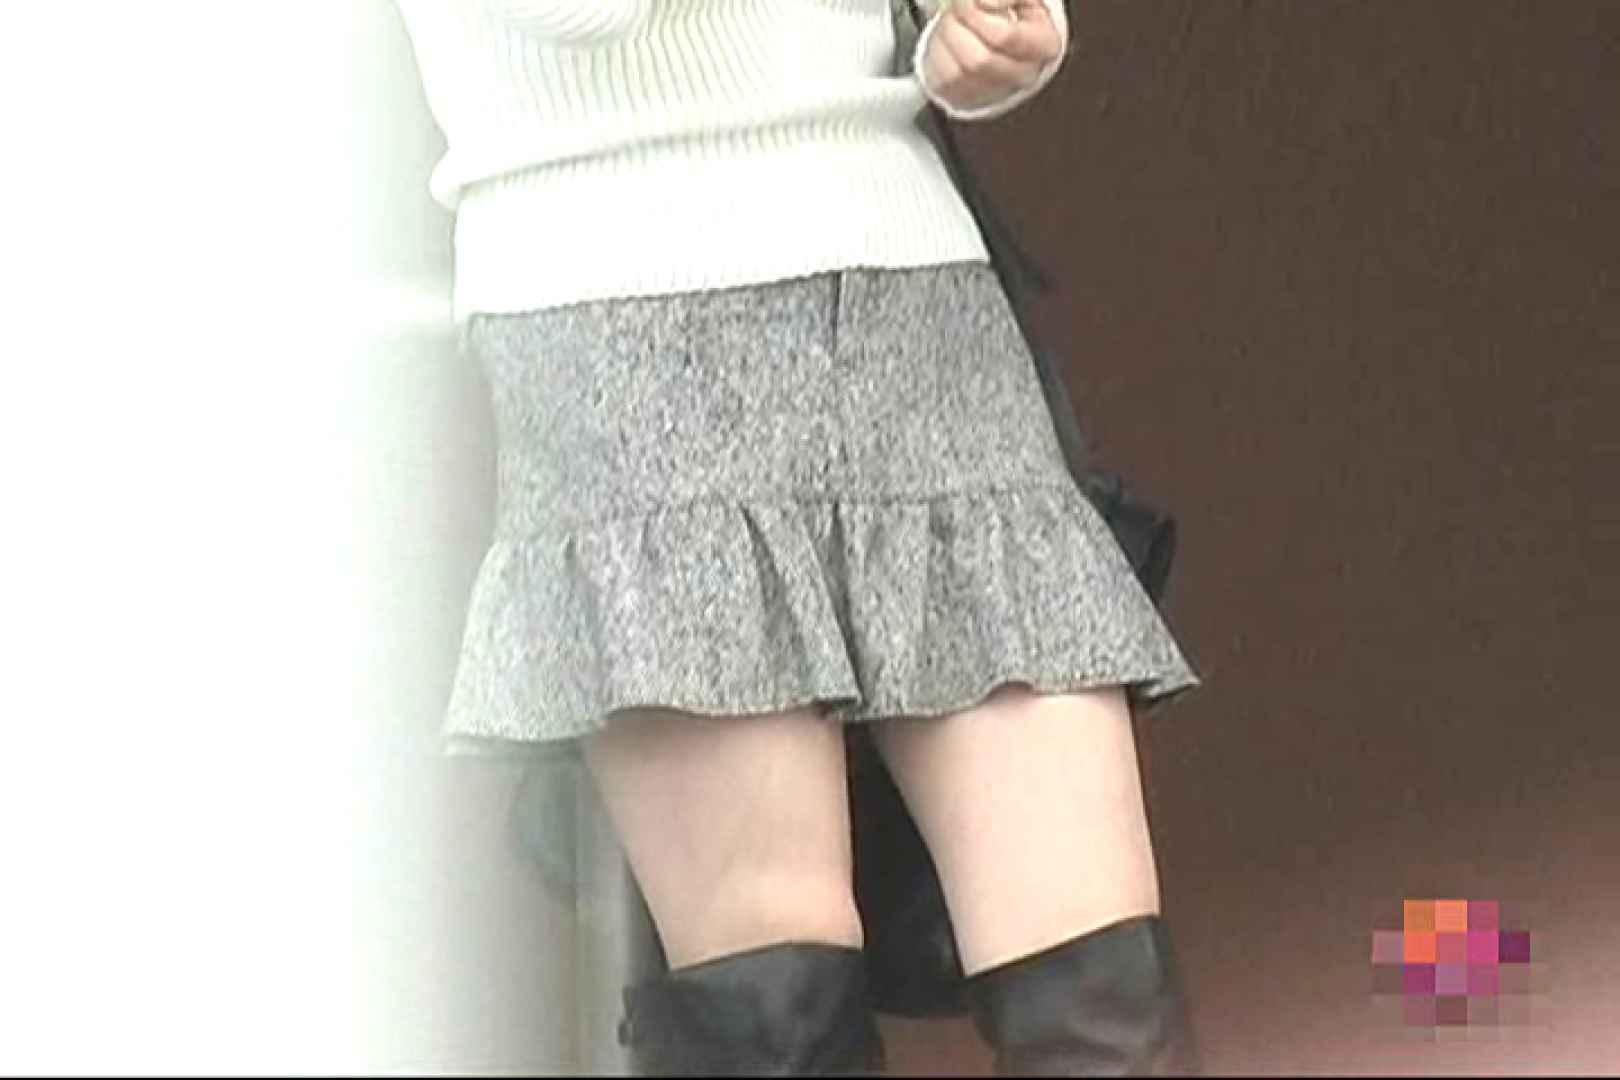 検証!隠し撮りスカートめくり!!Vol.5 0 | HなOL  88pic 45